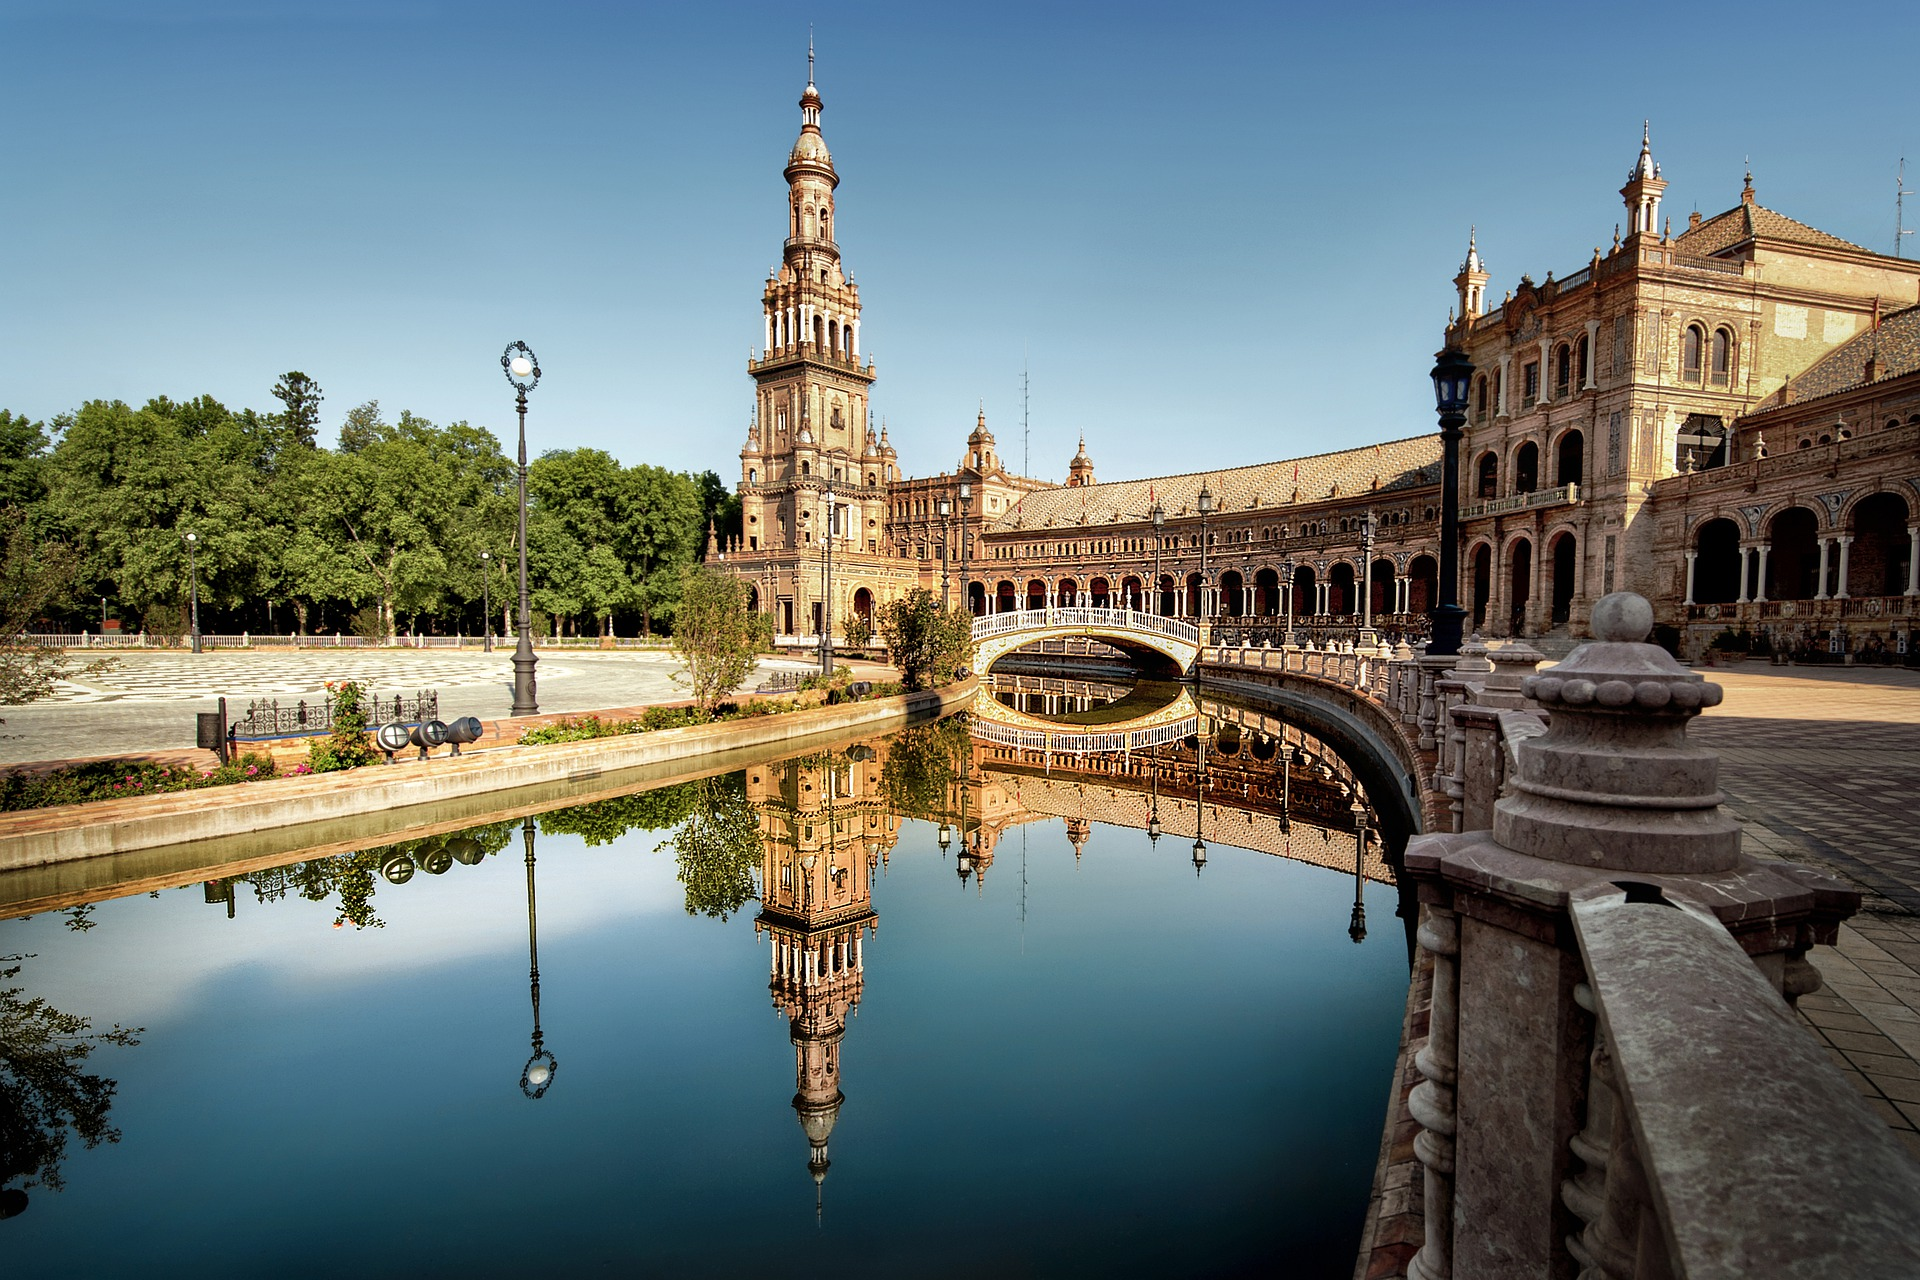 Cómo invertir en bienes raíces en España?